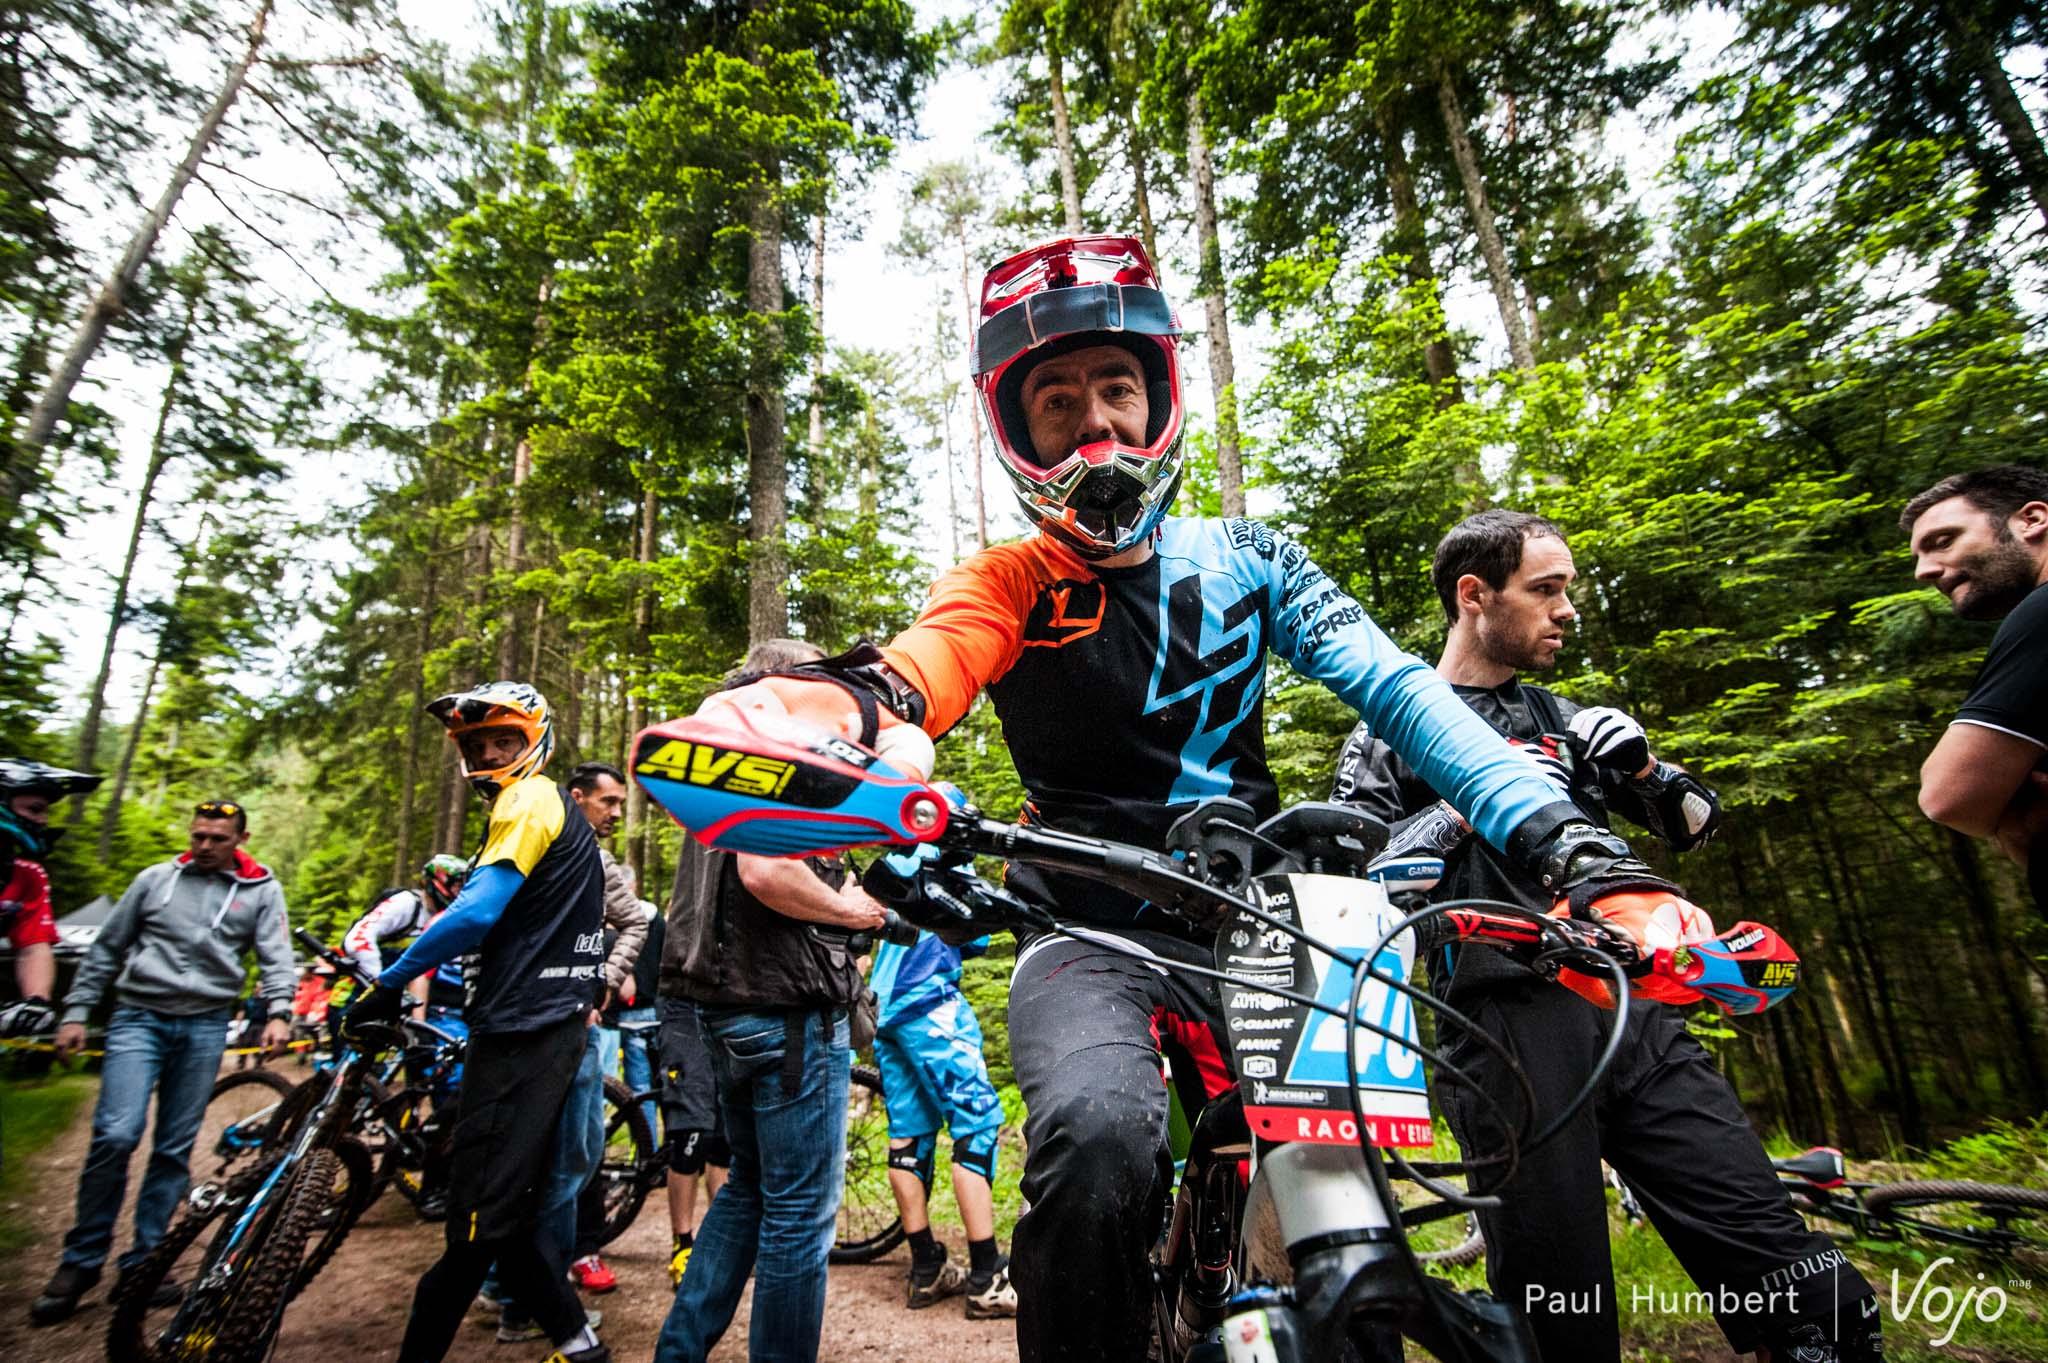 Raon-l-etape-vojo-2016-paul-humbert-28